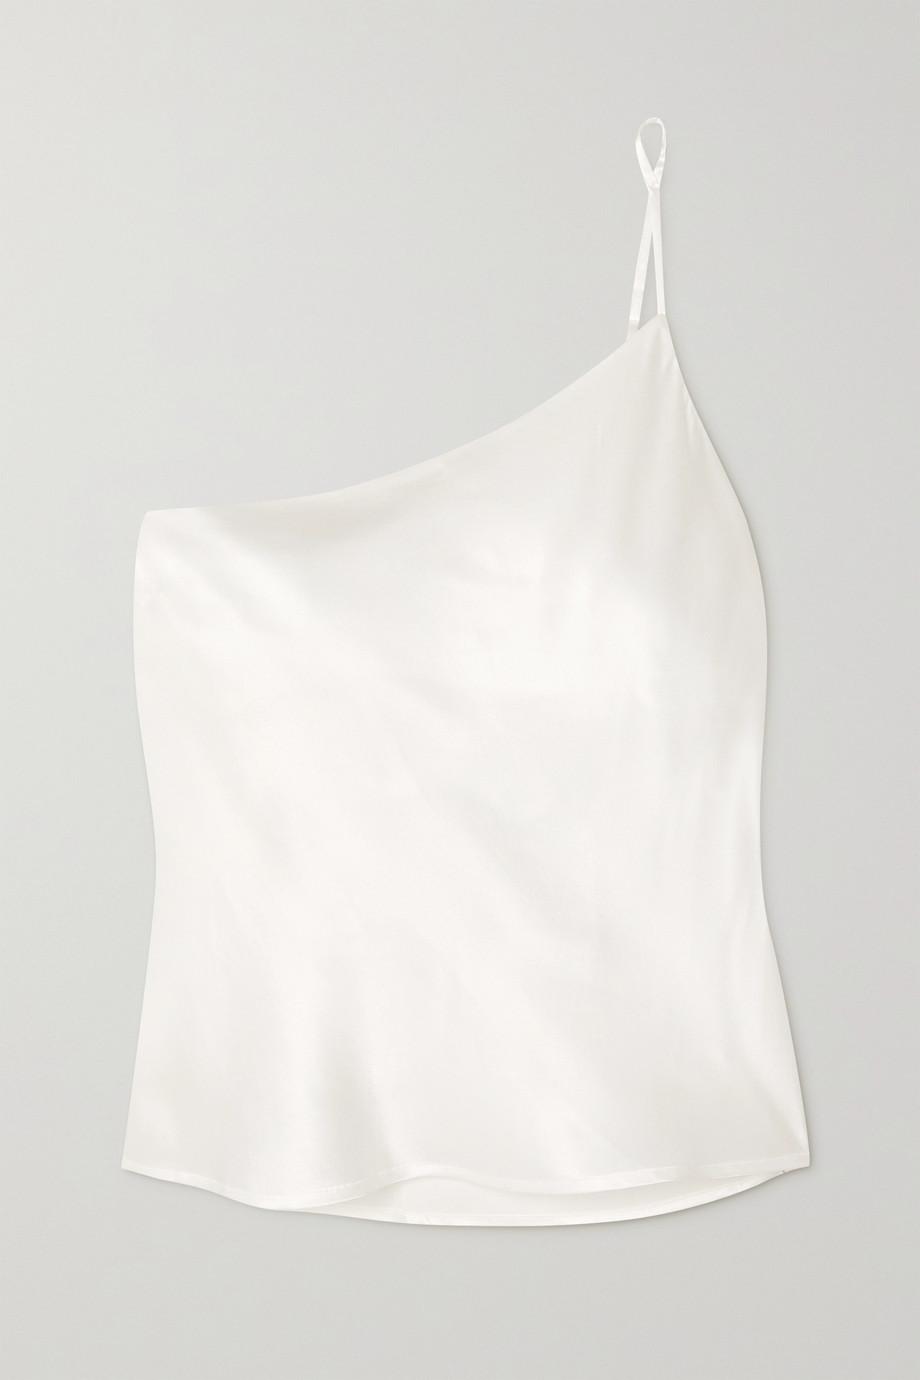 Maison Essentiele Lucile Top aus Seidensatin mit asymmetrischer Schulterpartie